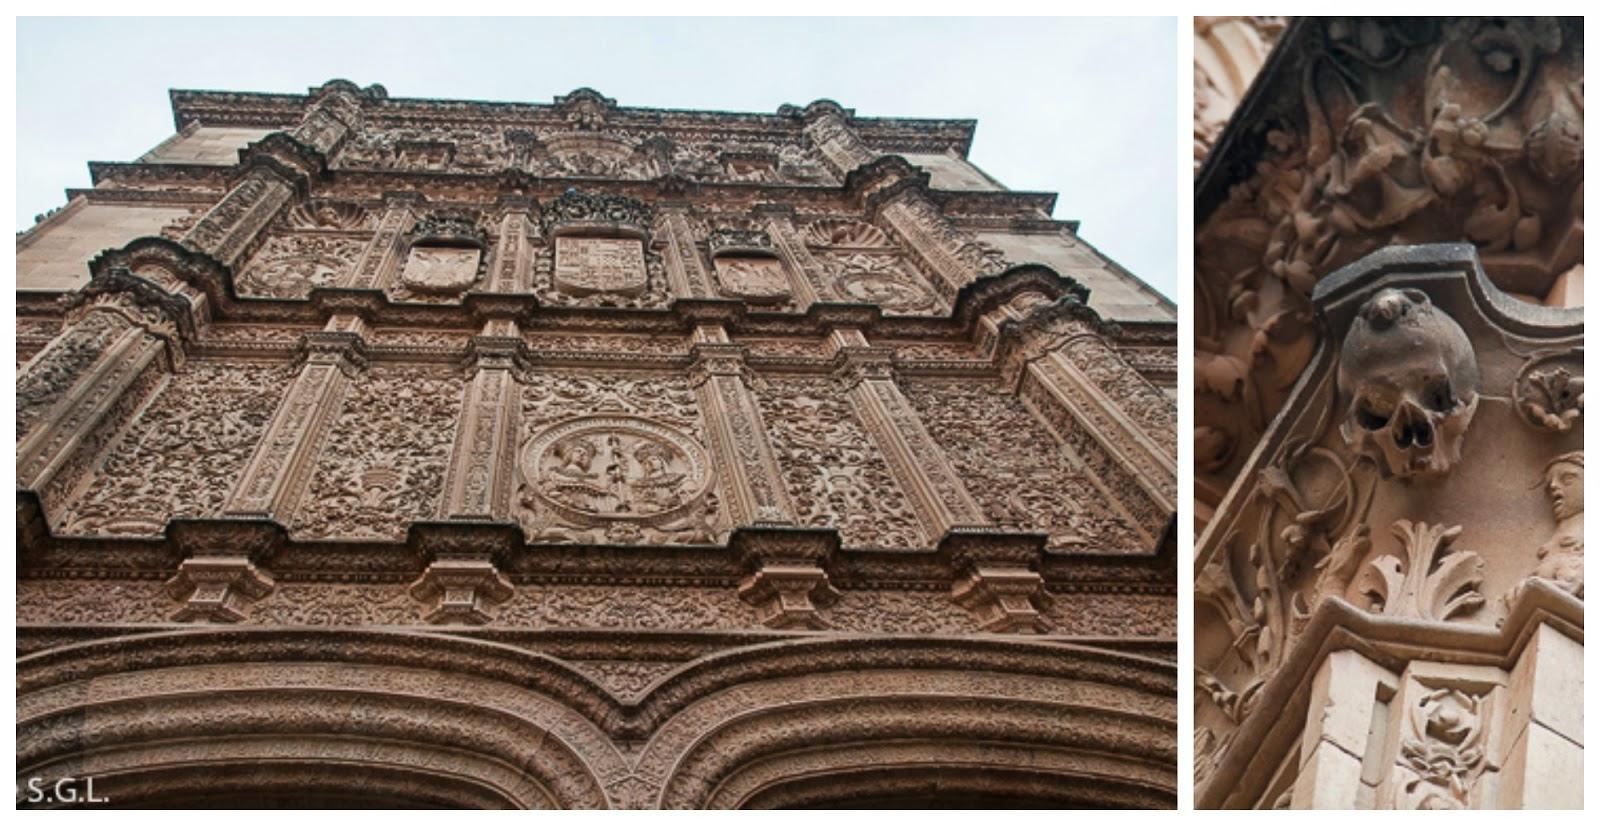 Fachada universidad de Salamanca y la rana